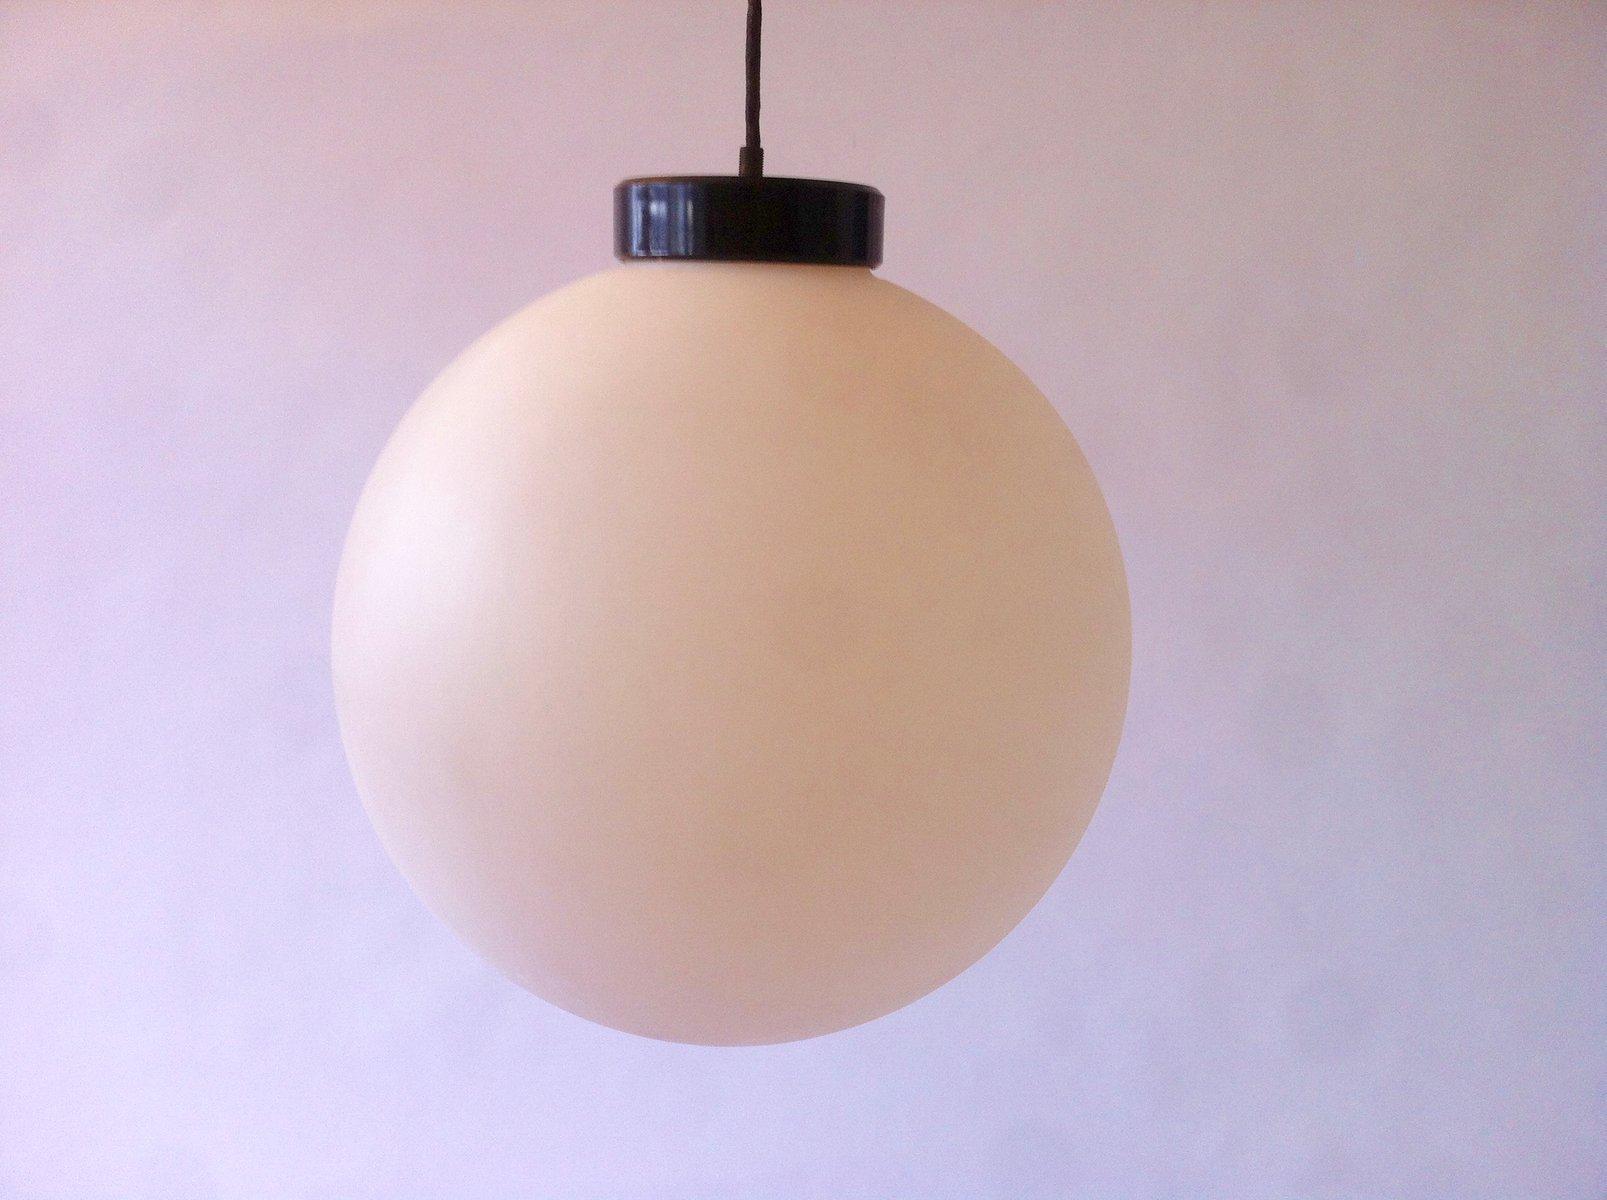 Mid-Century Globo Lampe von Miquél Milá für Polinax, 1965